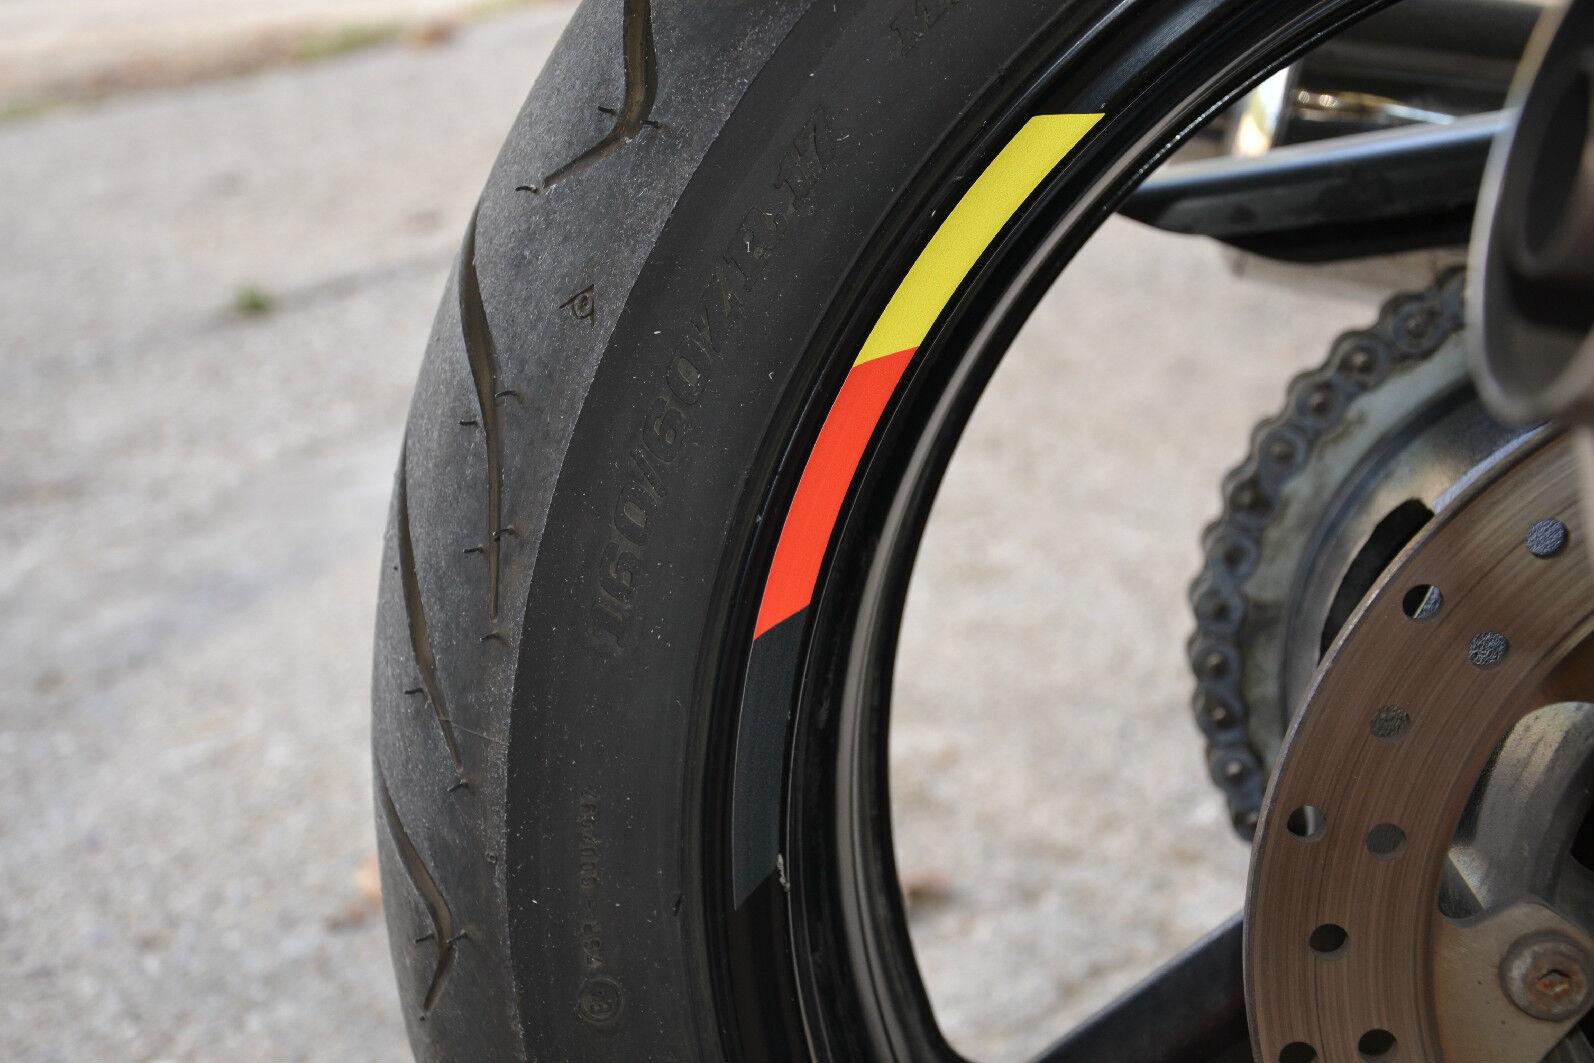 X Rims Wheels Germany Vinyl Sticker Stripes Flag Motorcycle Rim - Vinyl stripes for motorcycles